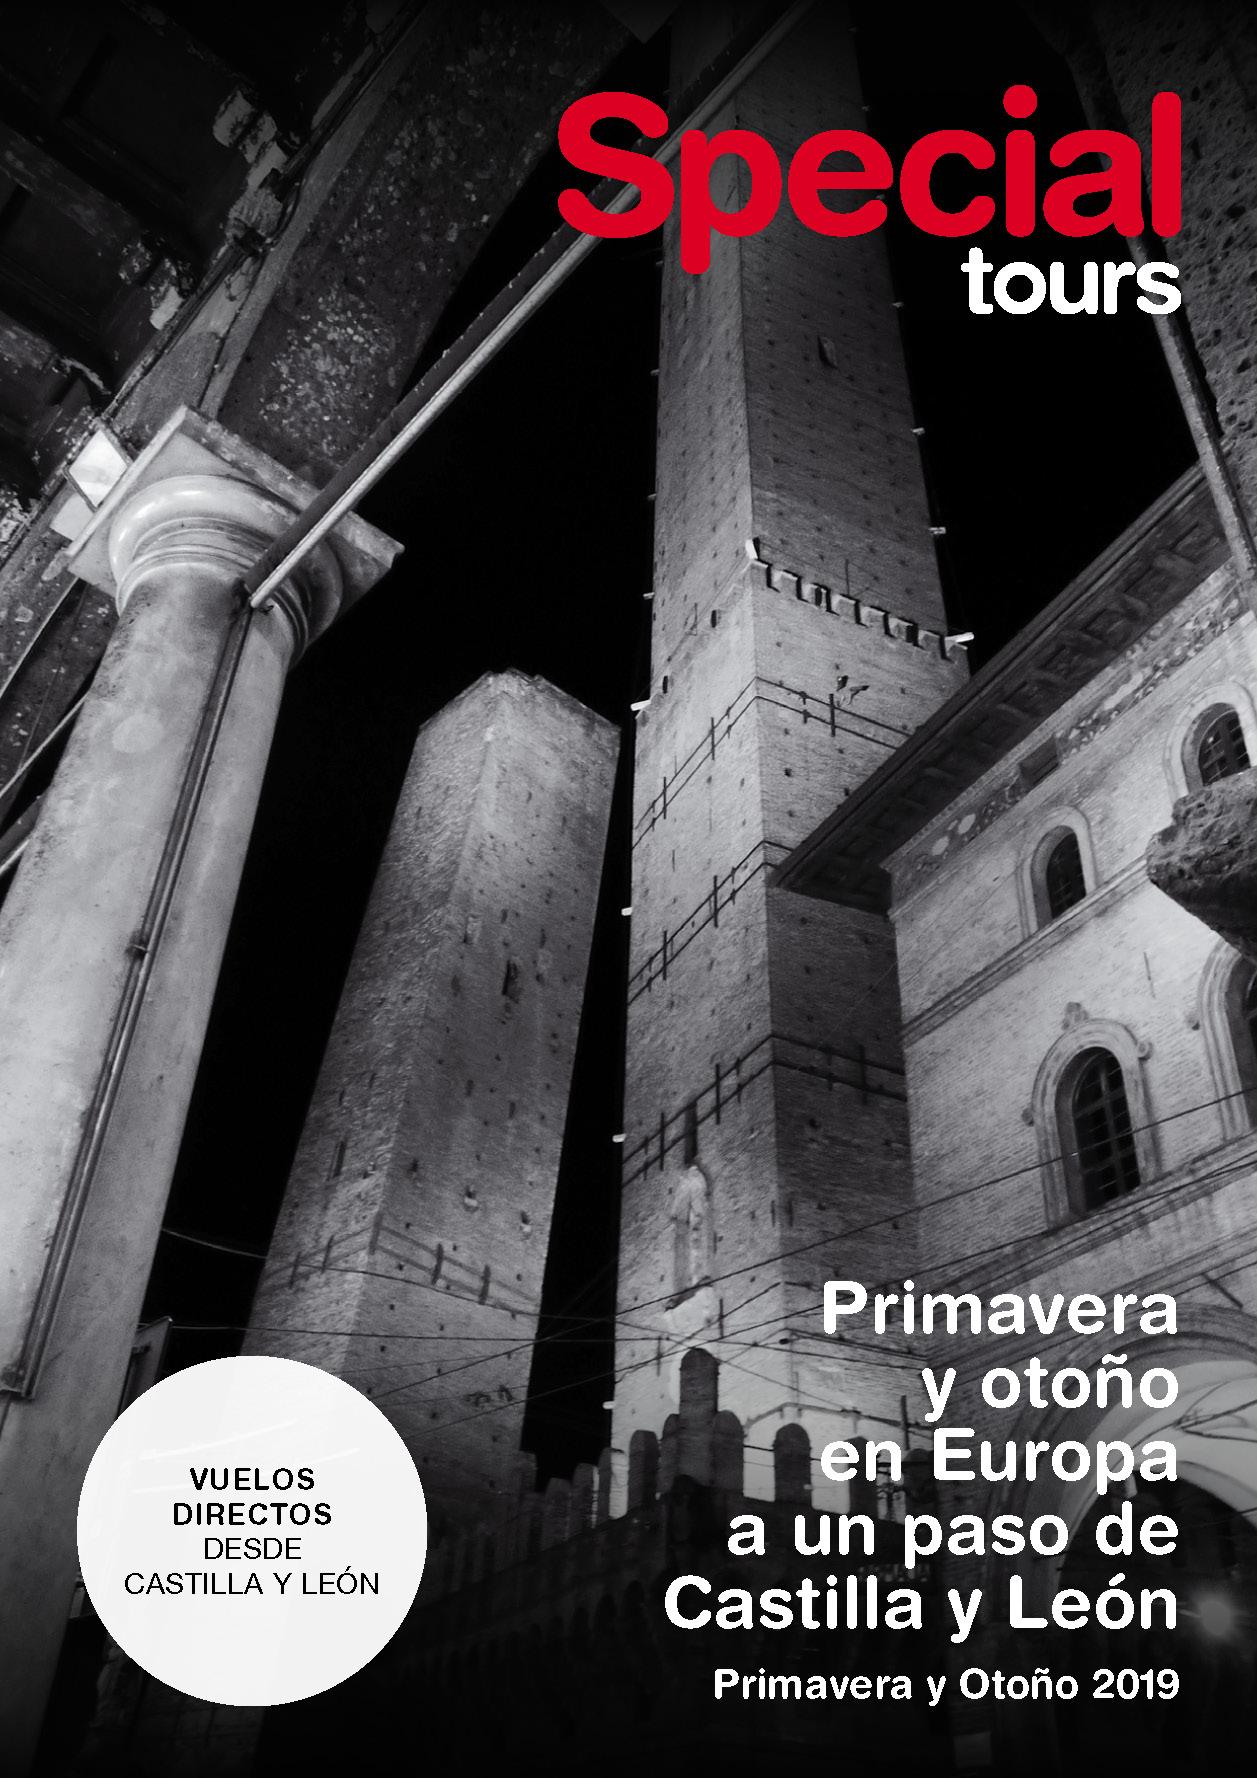 Catalogo Special Tours Primavera Otono Castilla Leon 2019